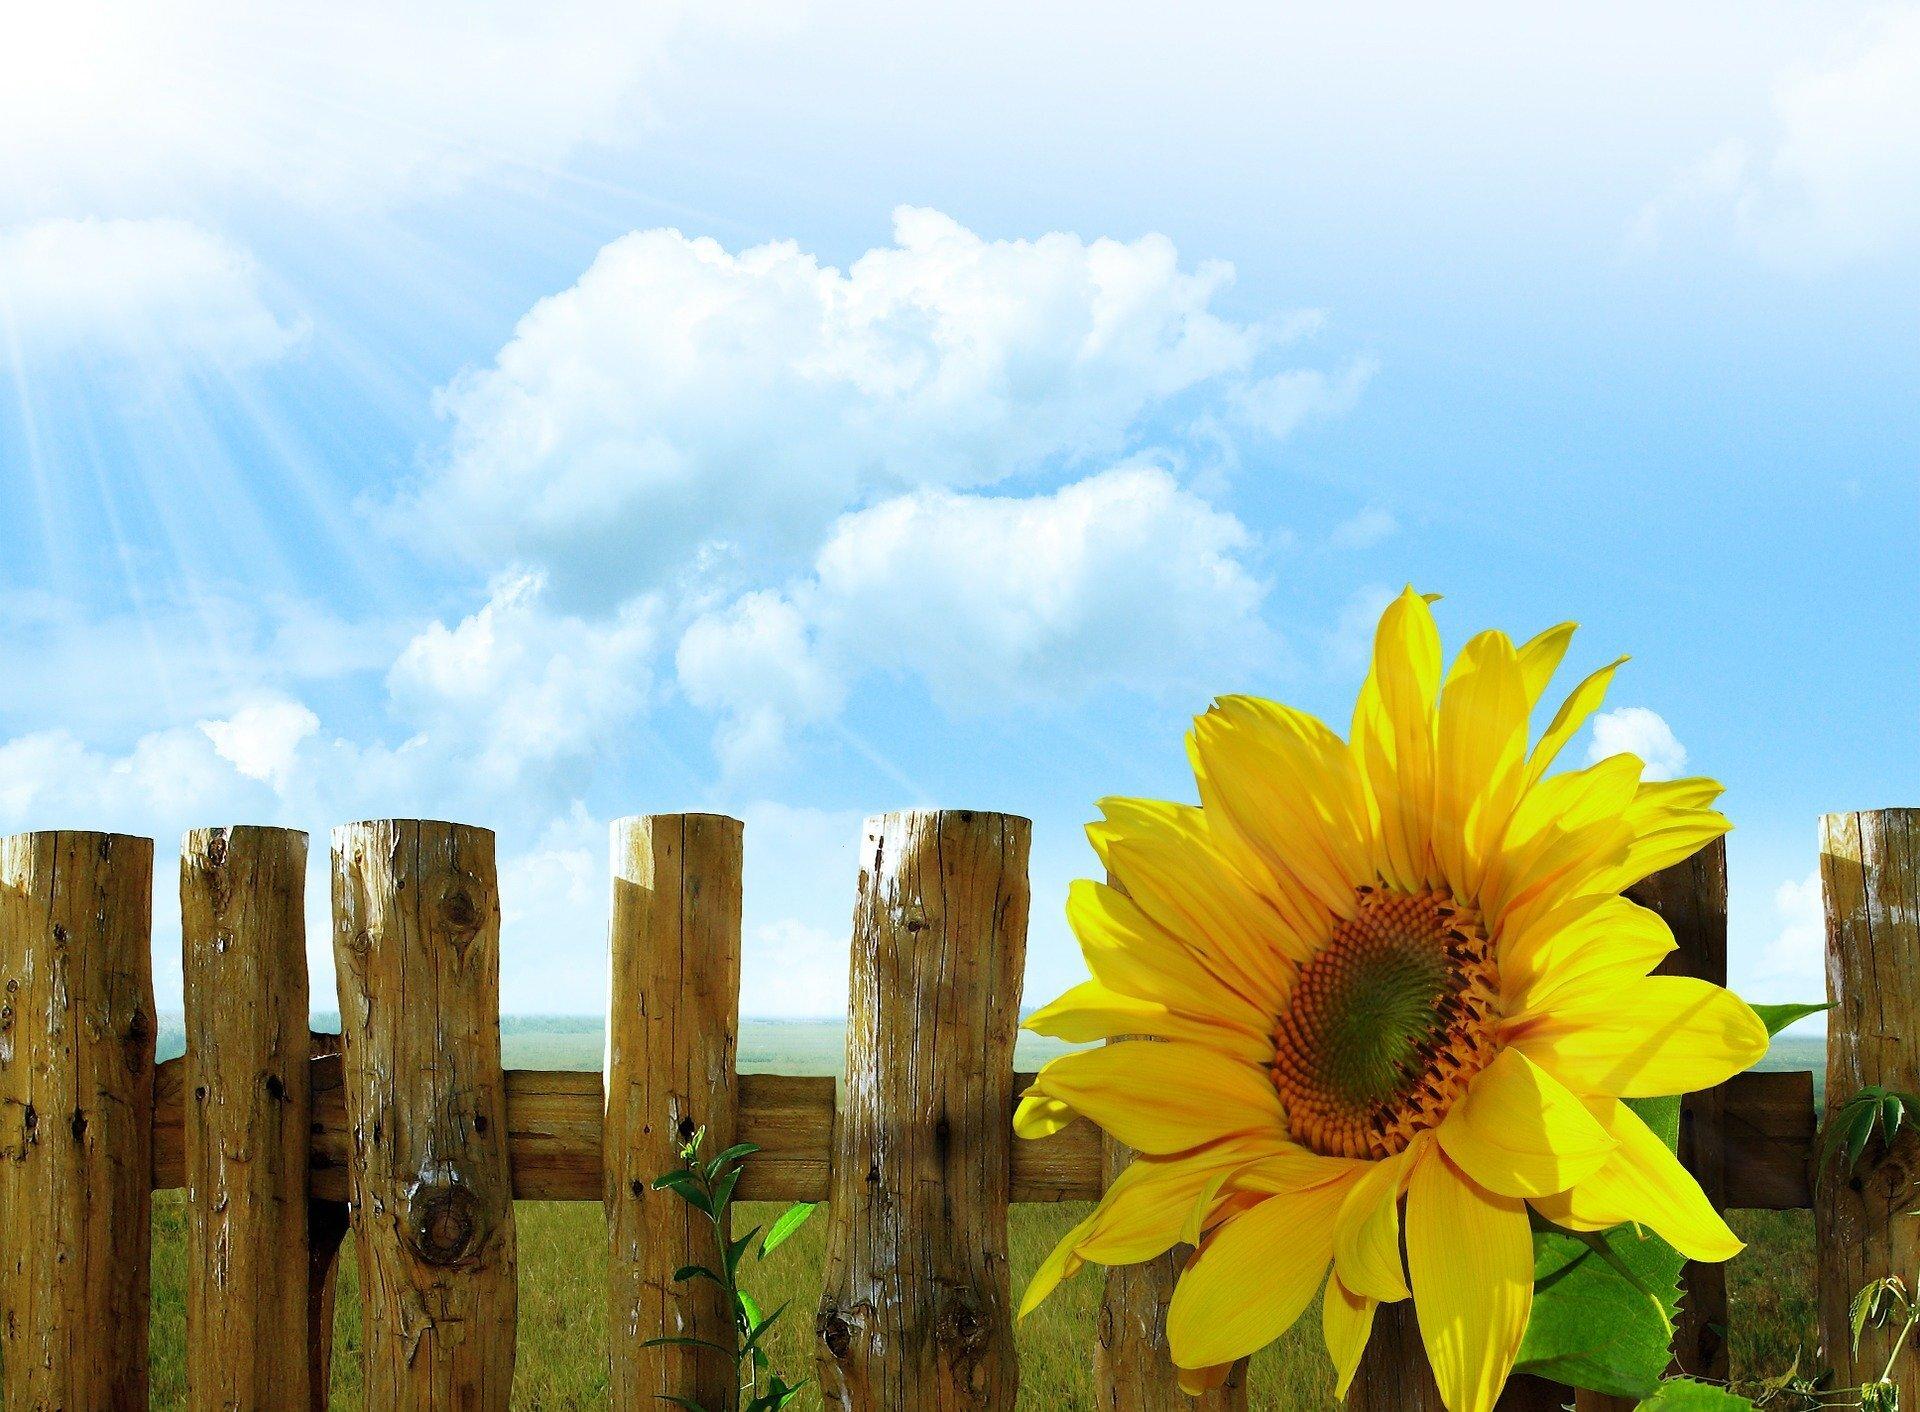 sunflowers-19647_1920